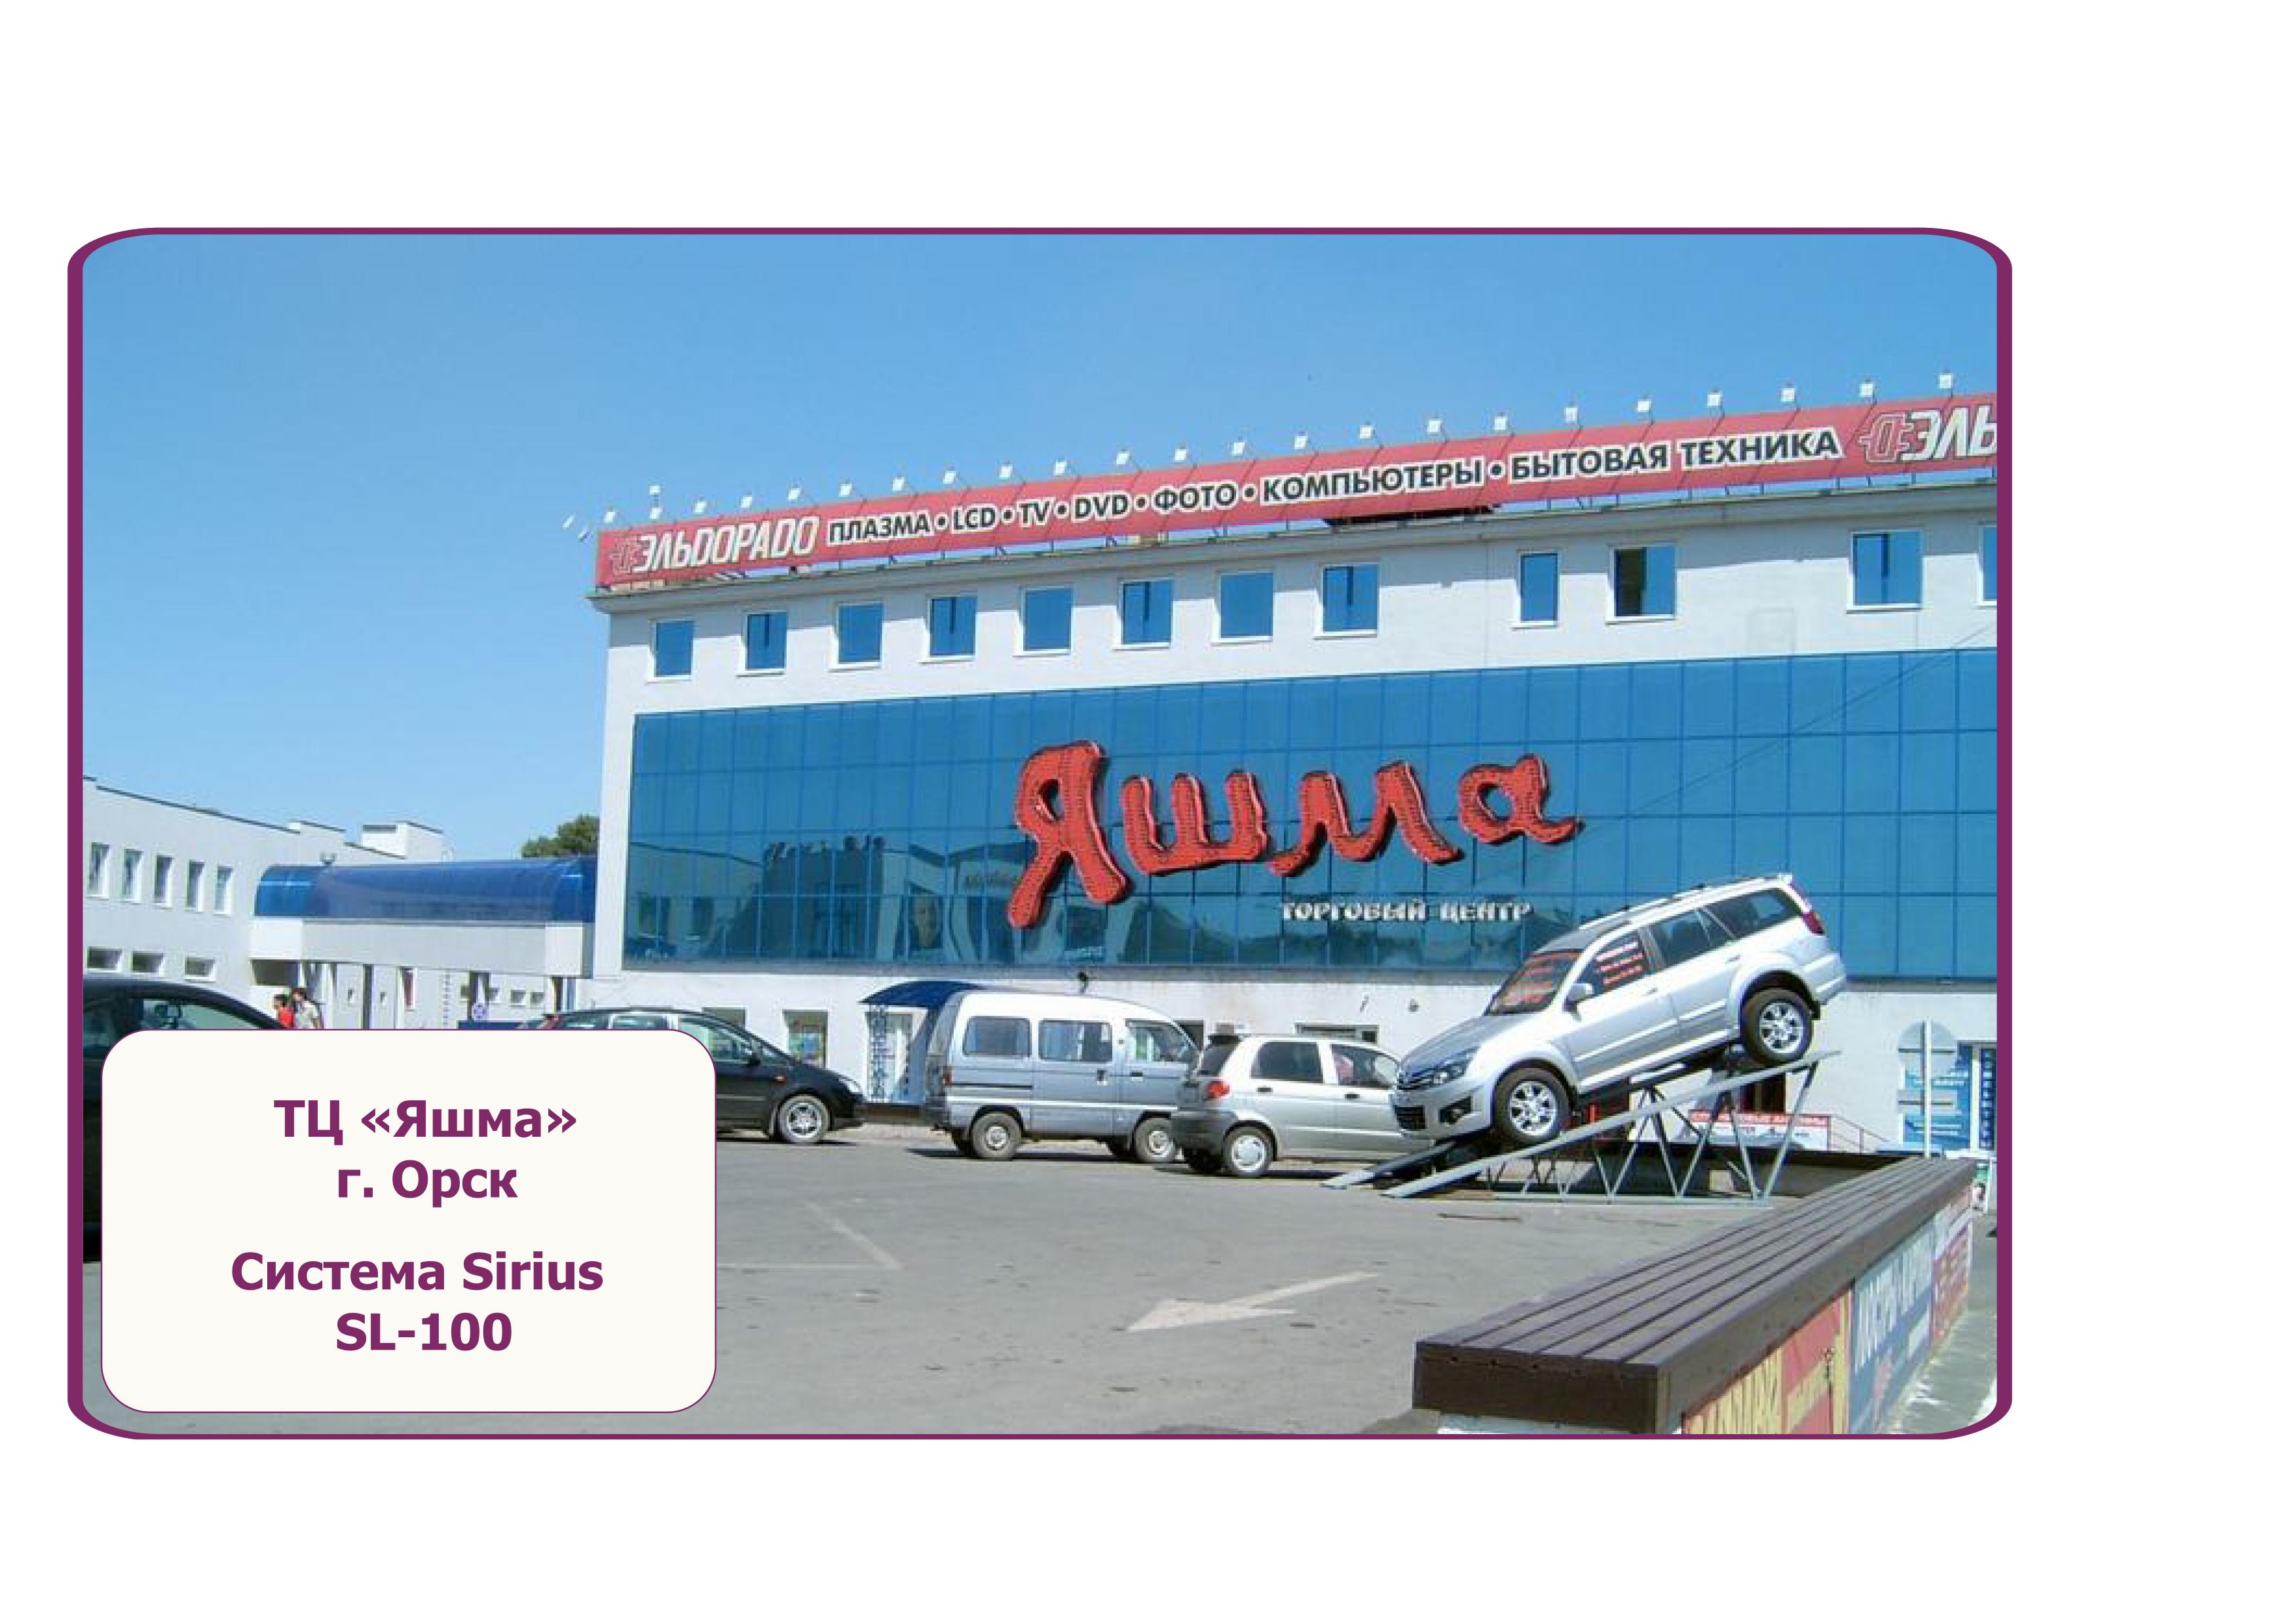 ТЦ Яшма г. Орск Фасад объекта облицован на алюминиевой подсистеме SIRIUS SL-100 - керамогранитная плитка, классический Т-профиль